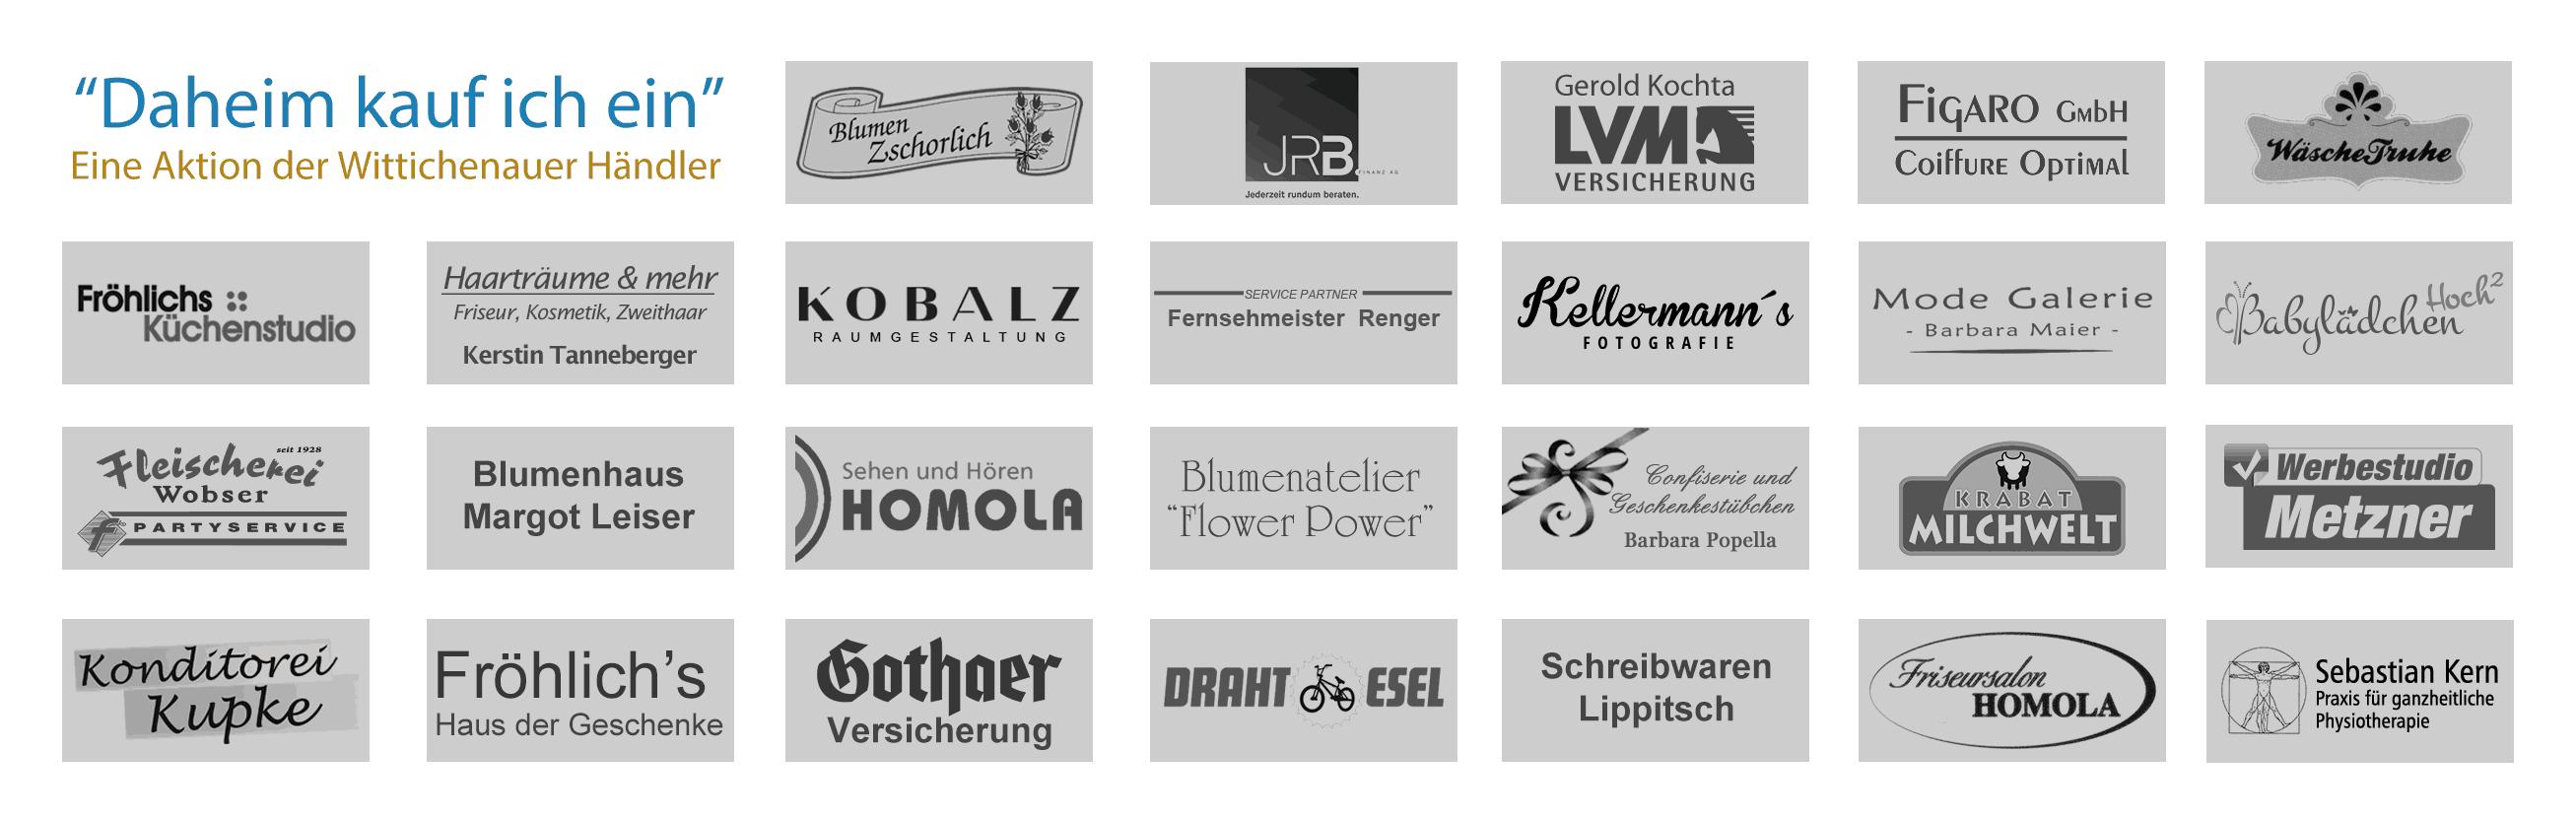 Daheim kauf ich ein | Händler in Wittichenau